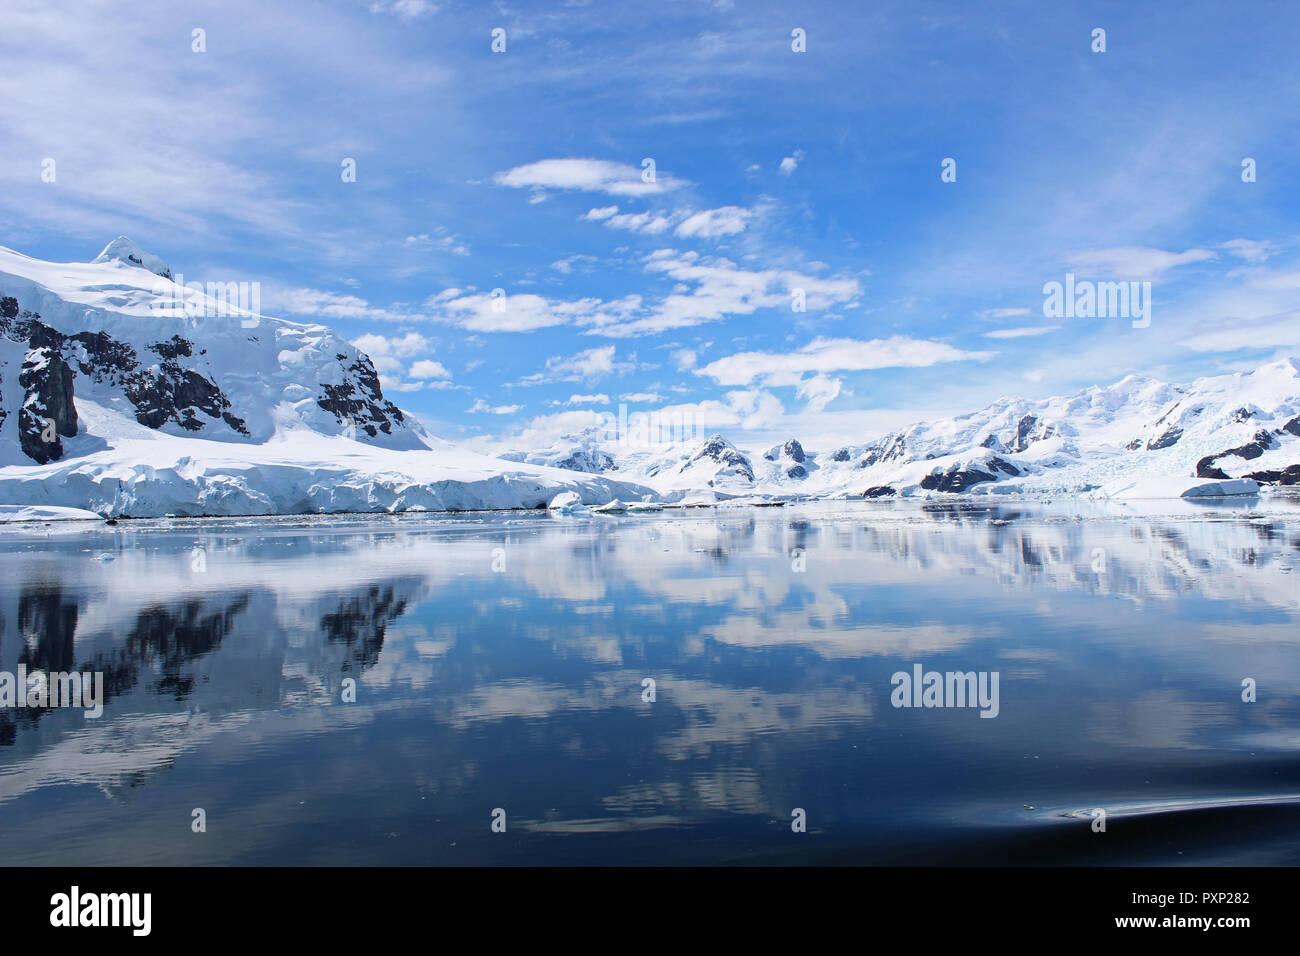 Bahía del Paraíso, la Península Antártica es una cuchara lista, una vez en la vida viaje, accesible por el crucero de expedición Imagen De Stock